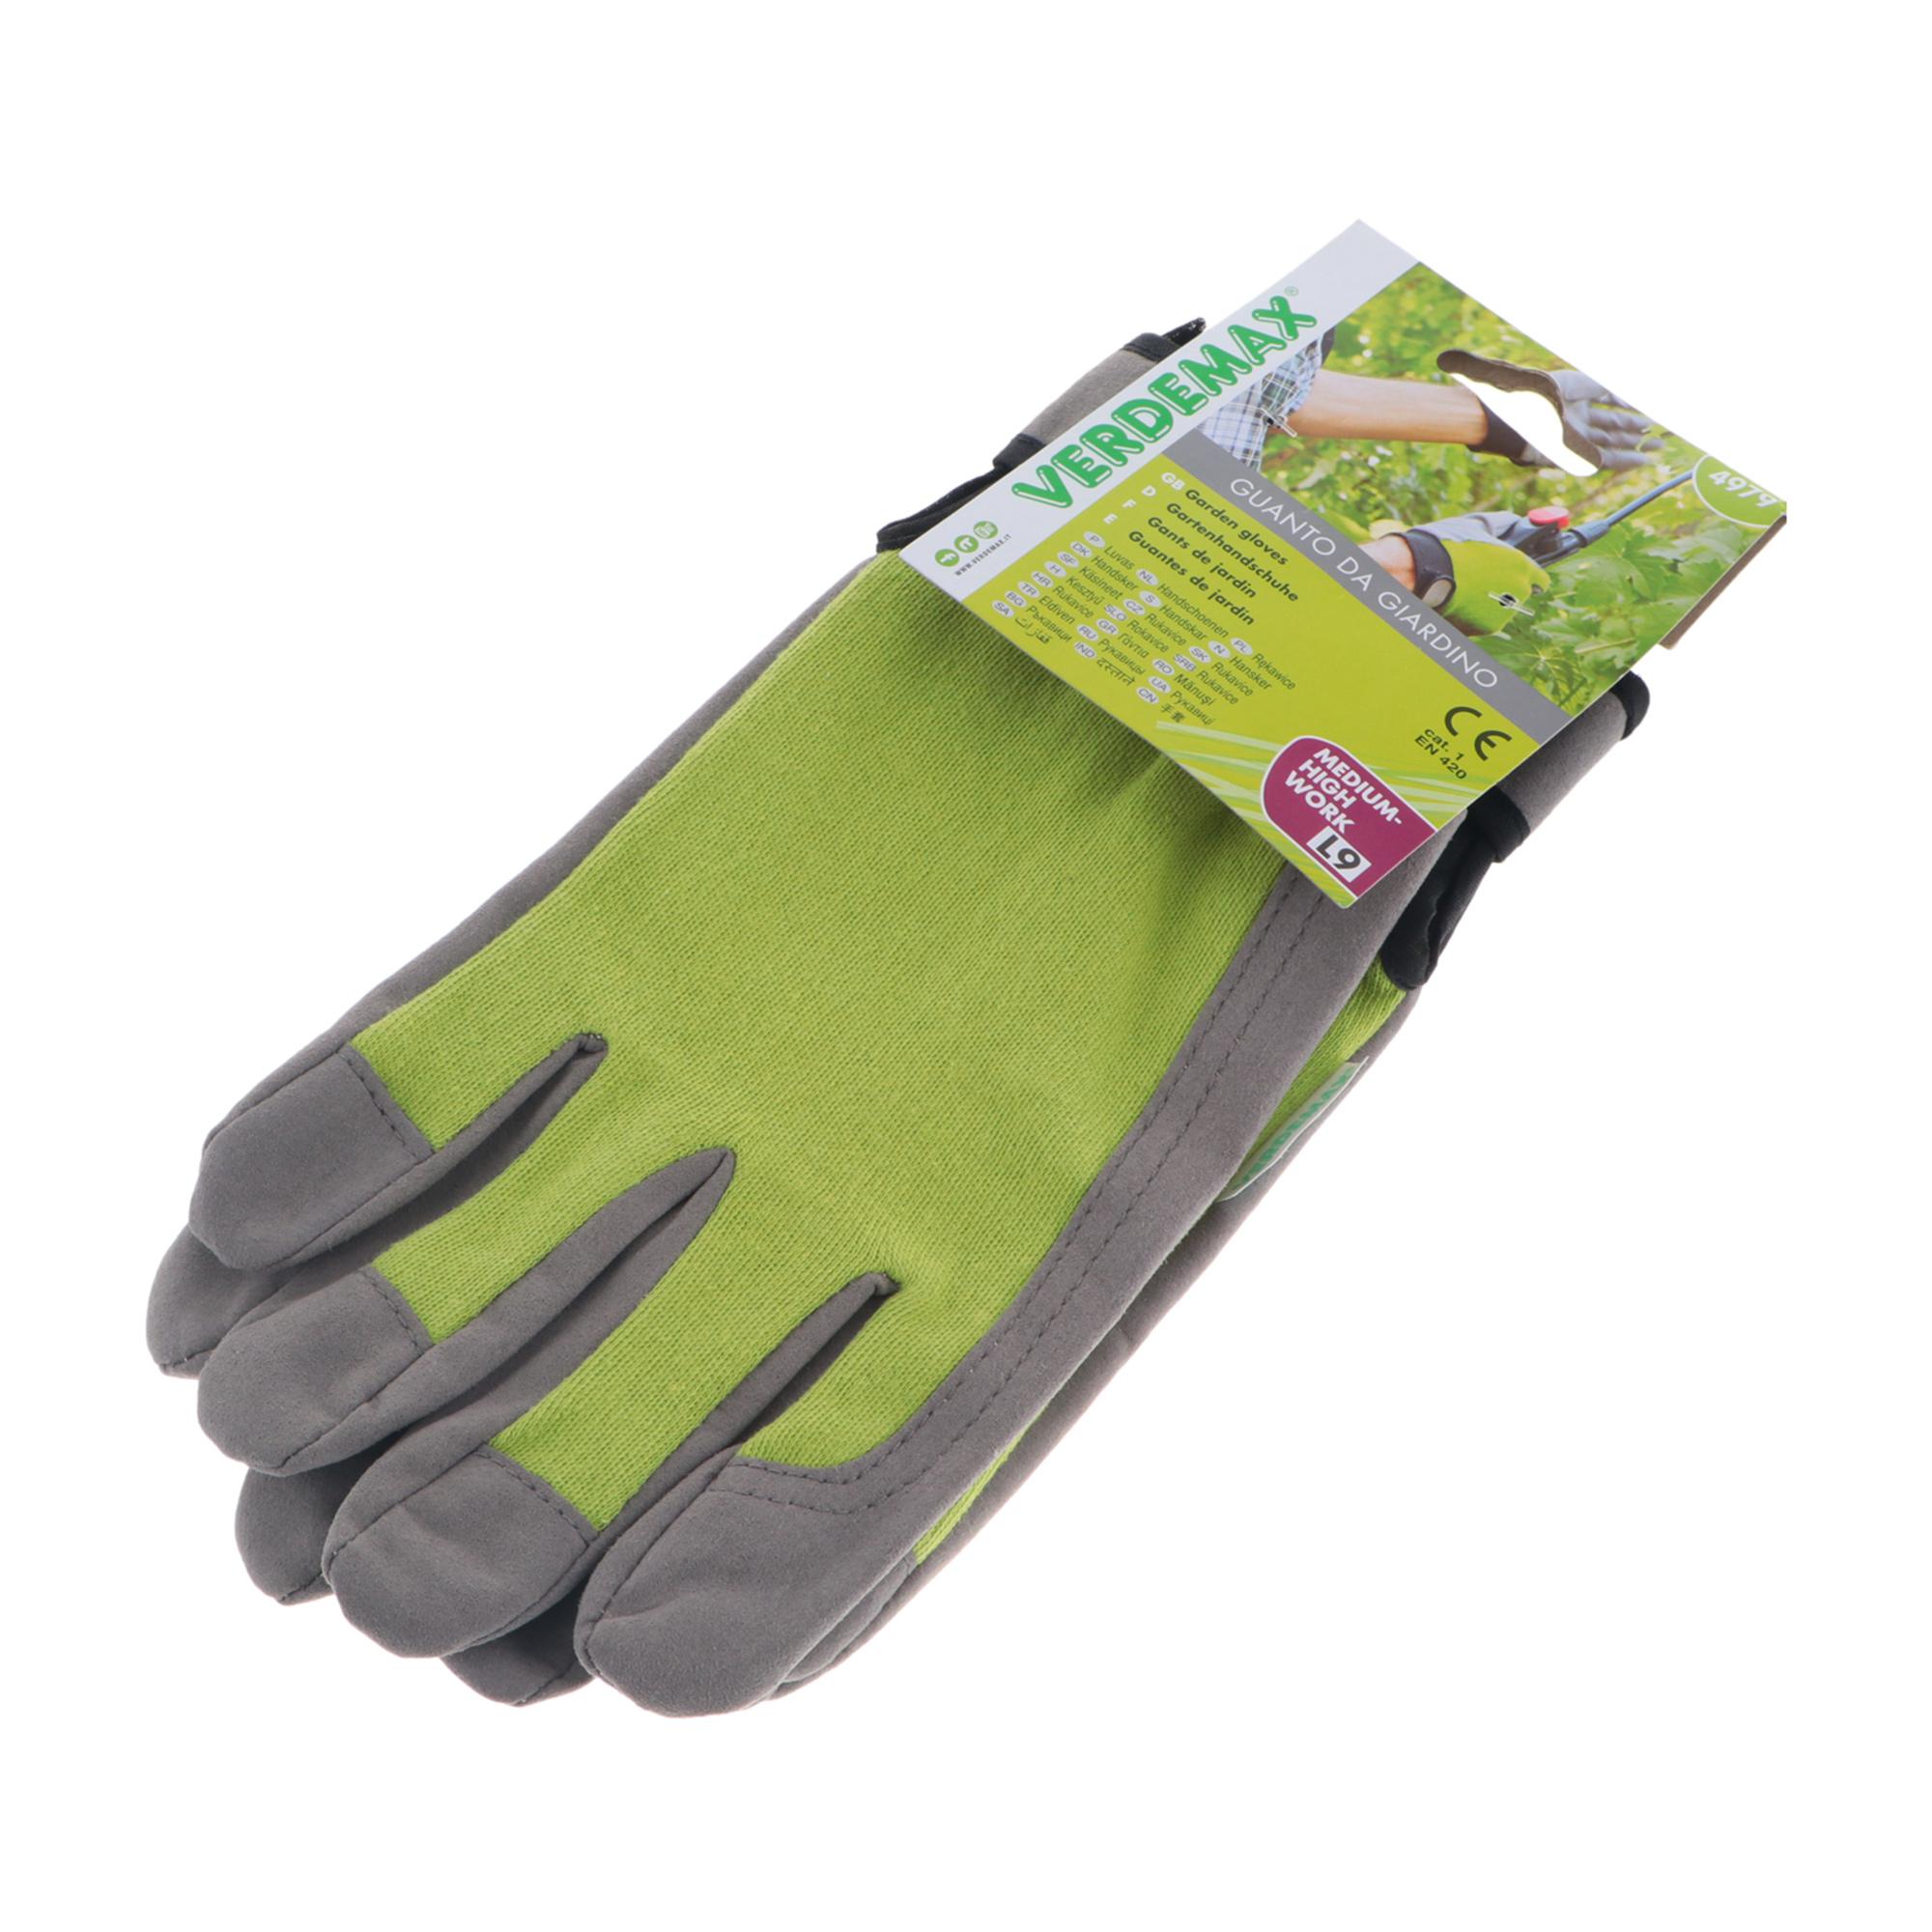 Фото - Перчатки садовые Verdemax golf серо-зеленые l перчатки садовые verdemax серо зеленые m